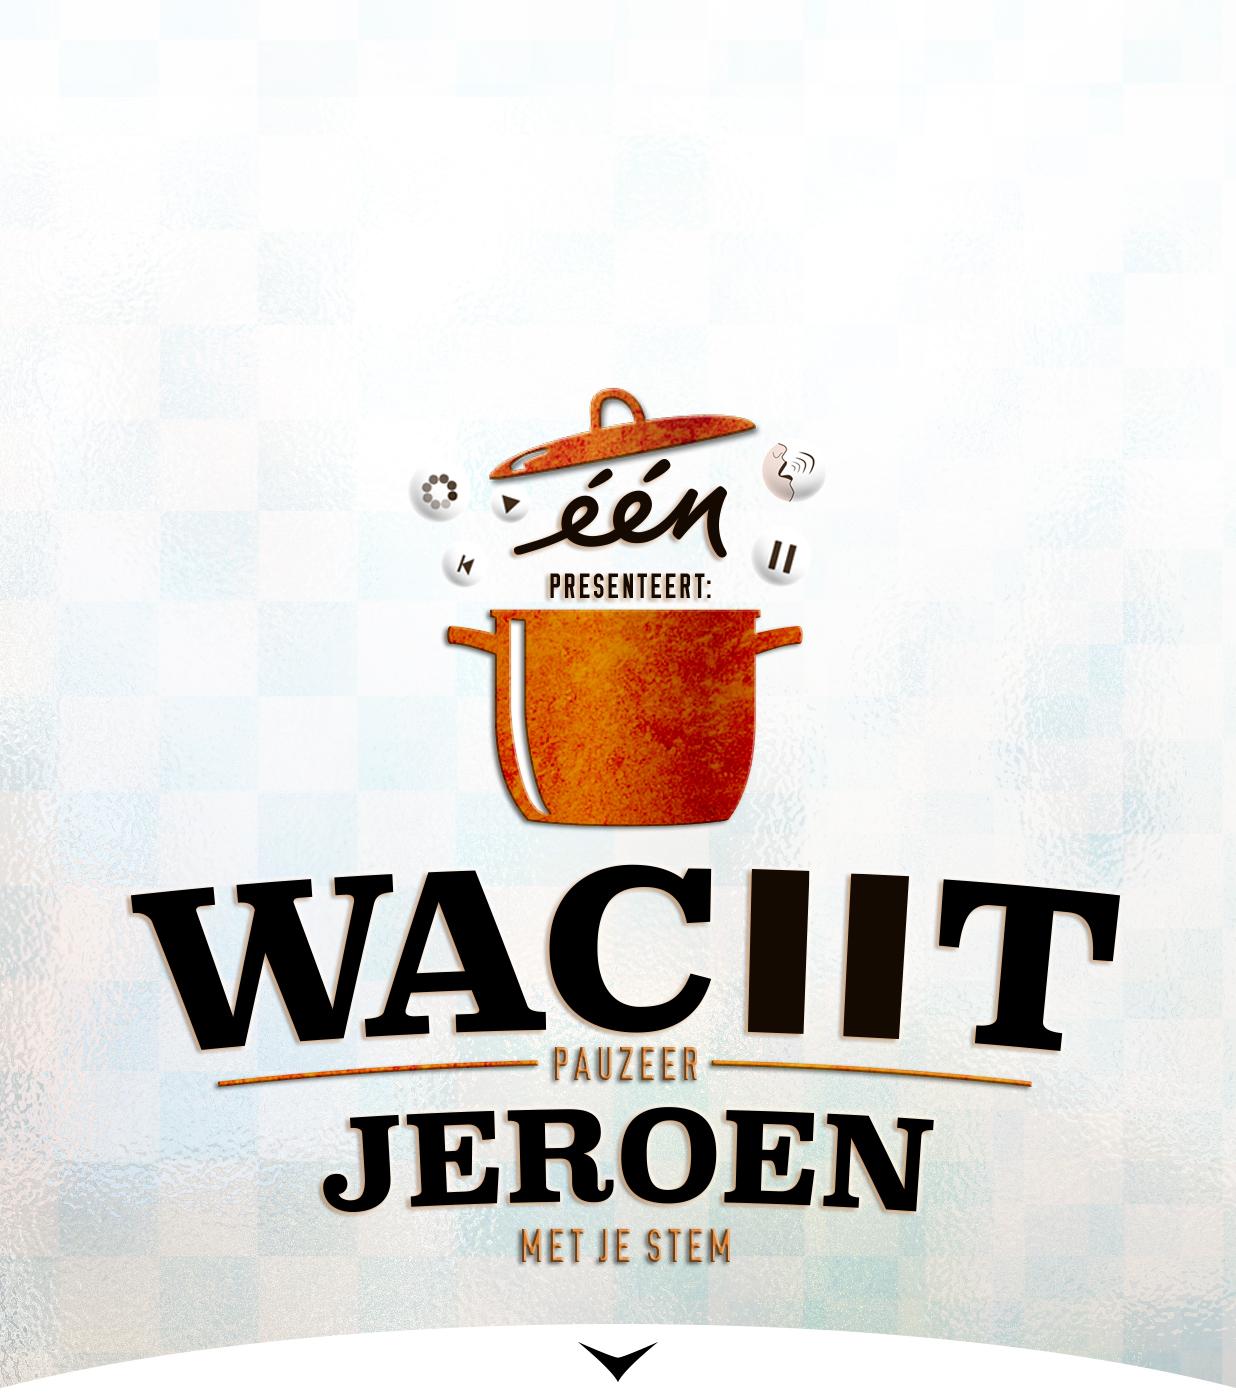 wachtjeroen logo mobile.jpg